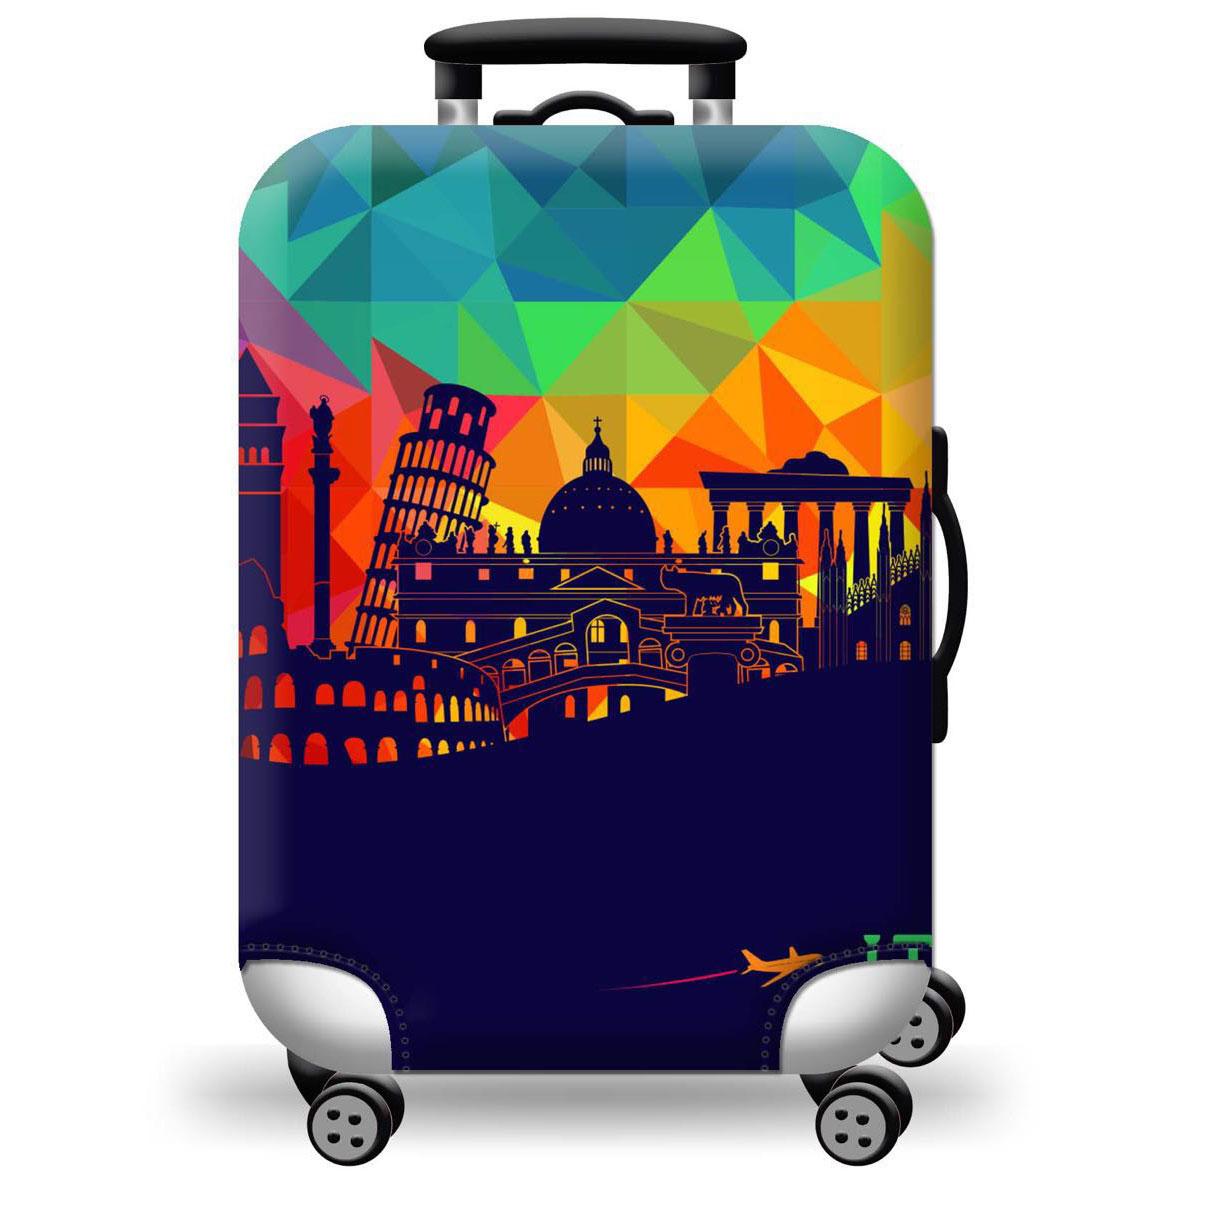 Túi bọc bảo vệ vali -Áo vỏ bọc vali - Xanh Đỏ